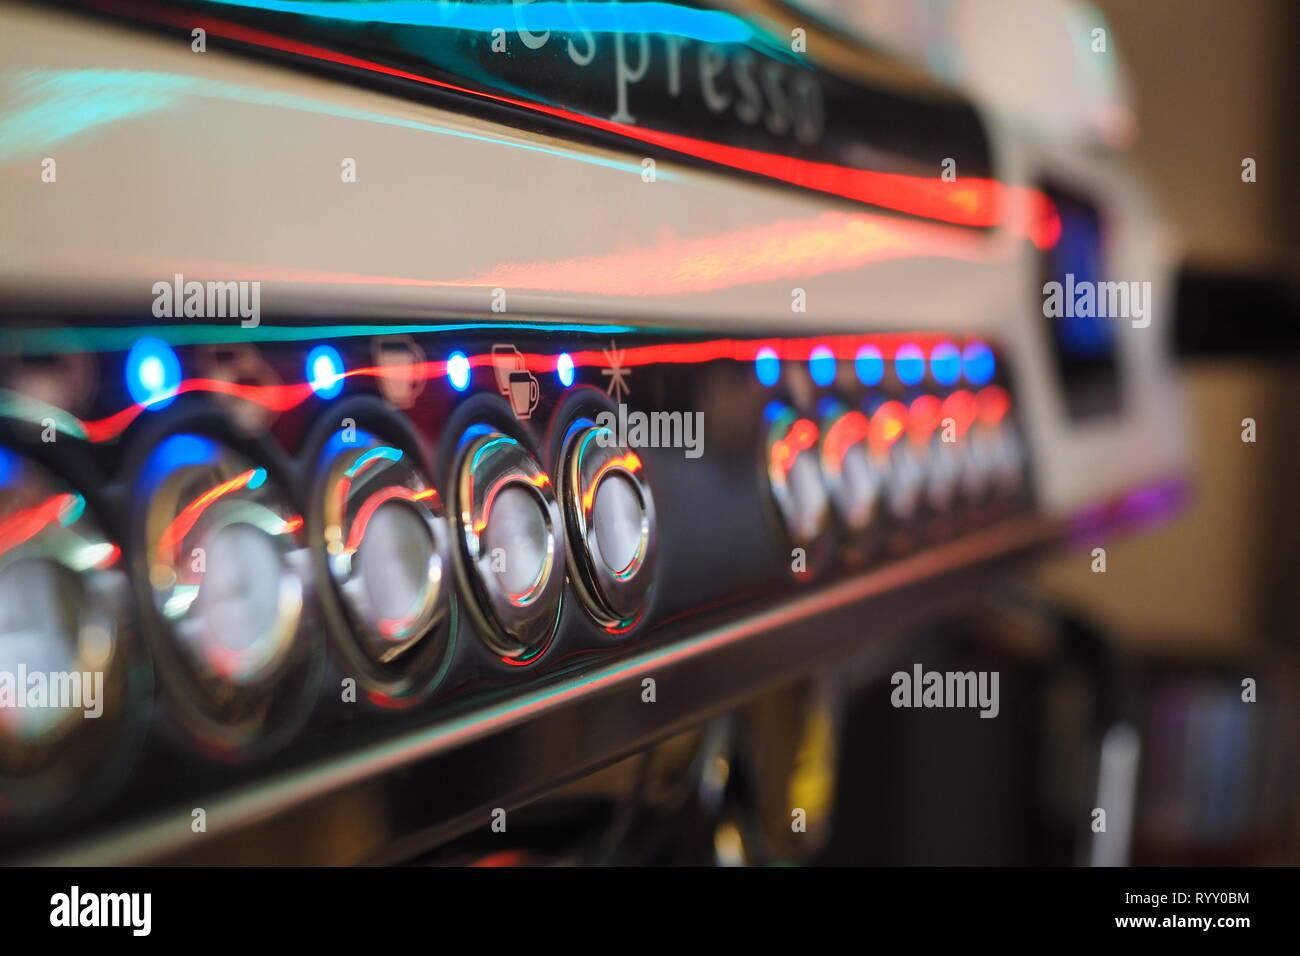 Espressomaschine bunt beleuchtet in einer italienischen Bar - Stock Image